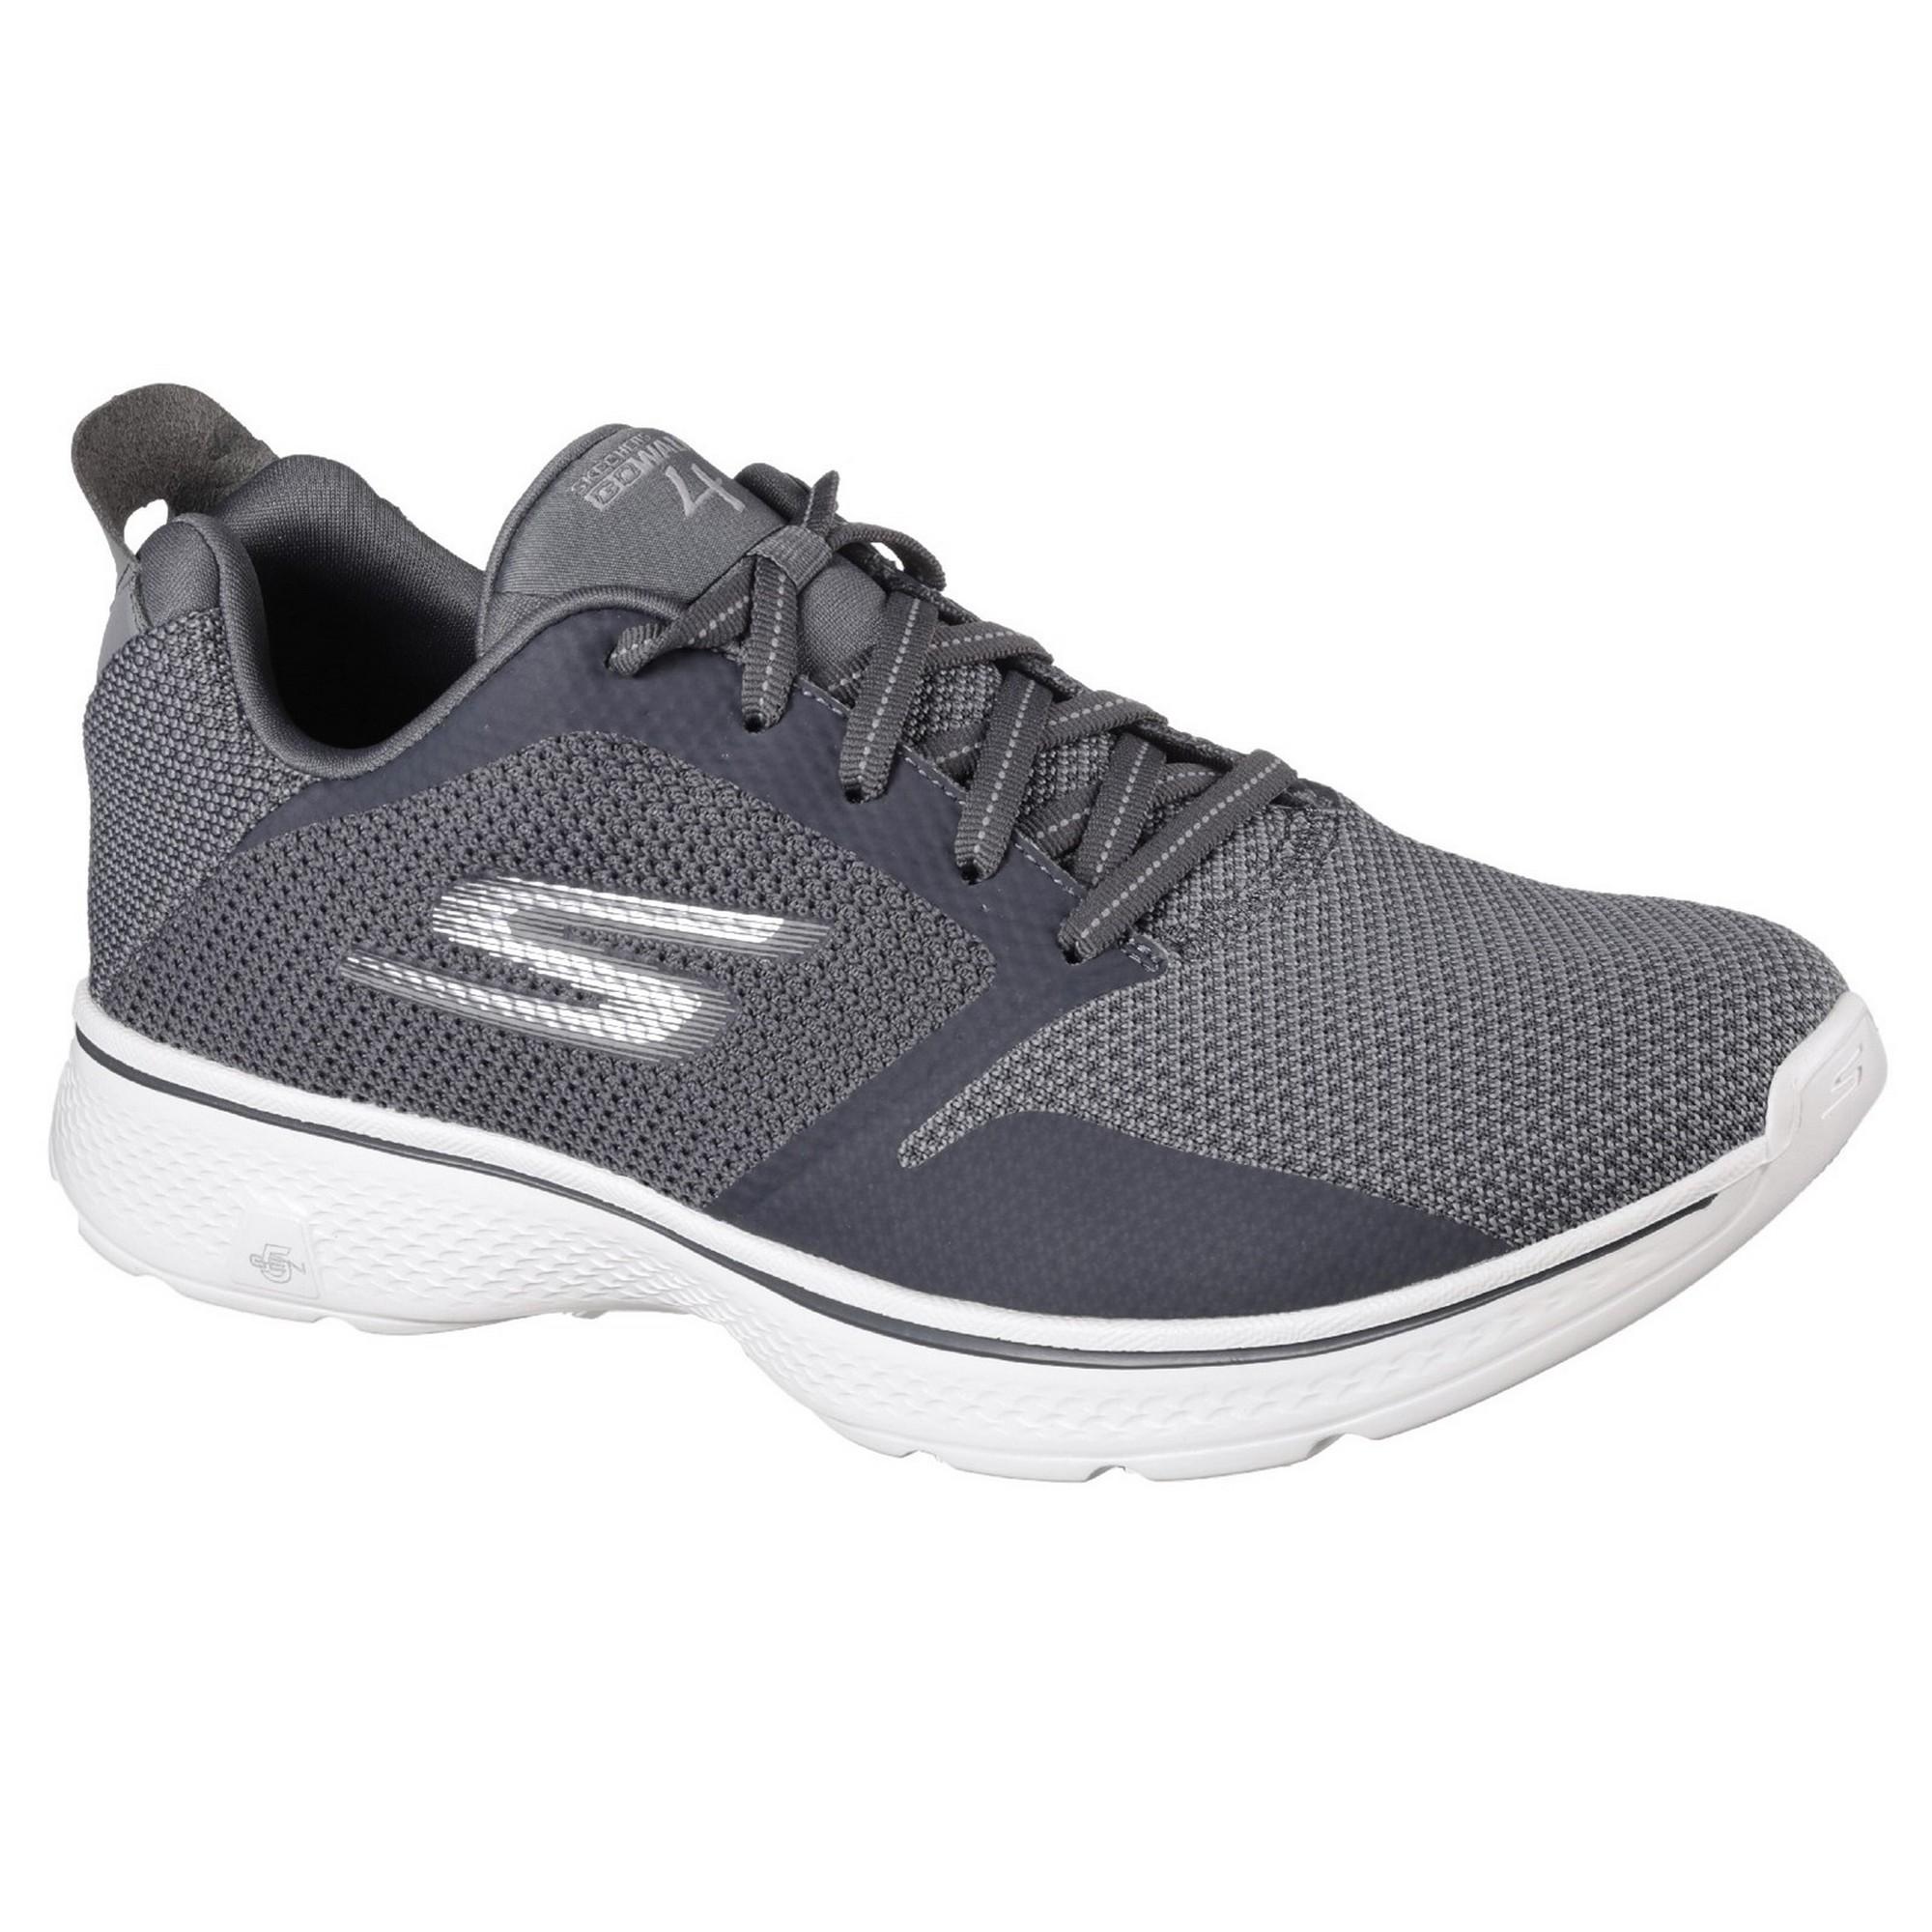 Skechers Go Walk 4-Solar, Zapatillas Para Hombre, Azul (Blue), 46 EU